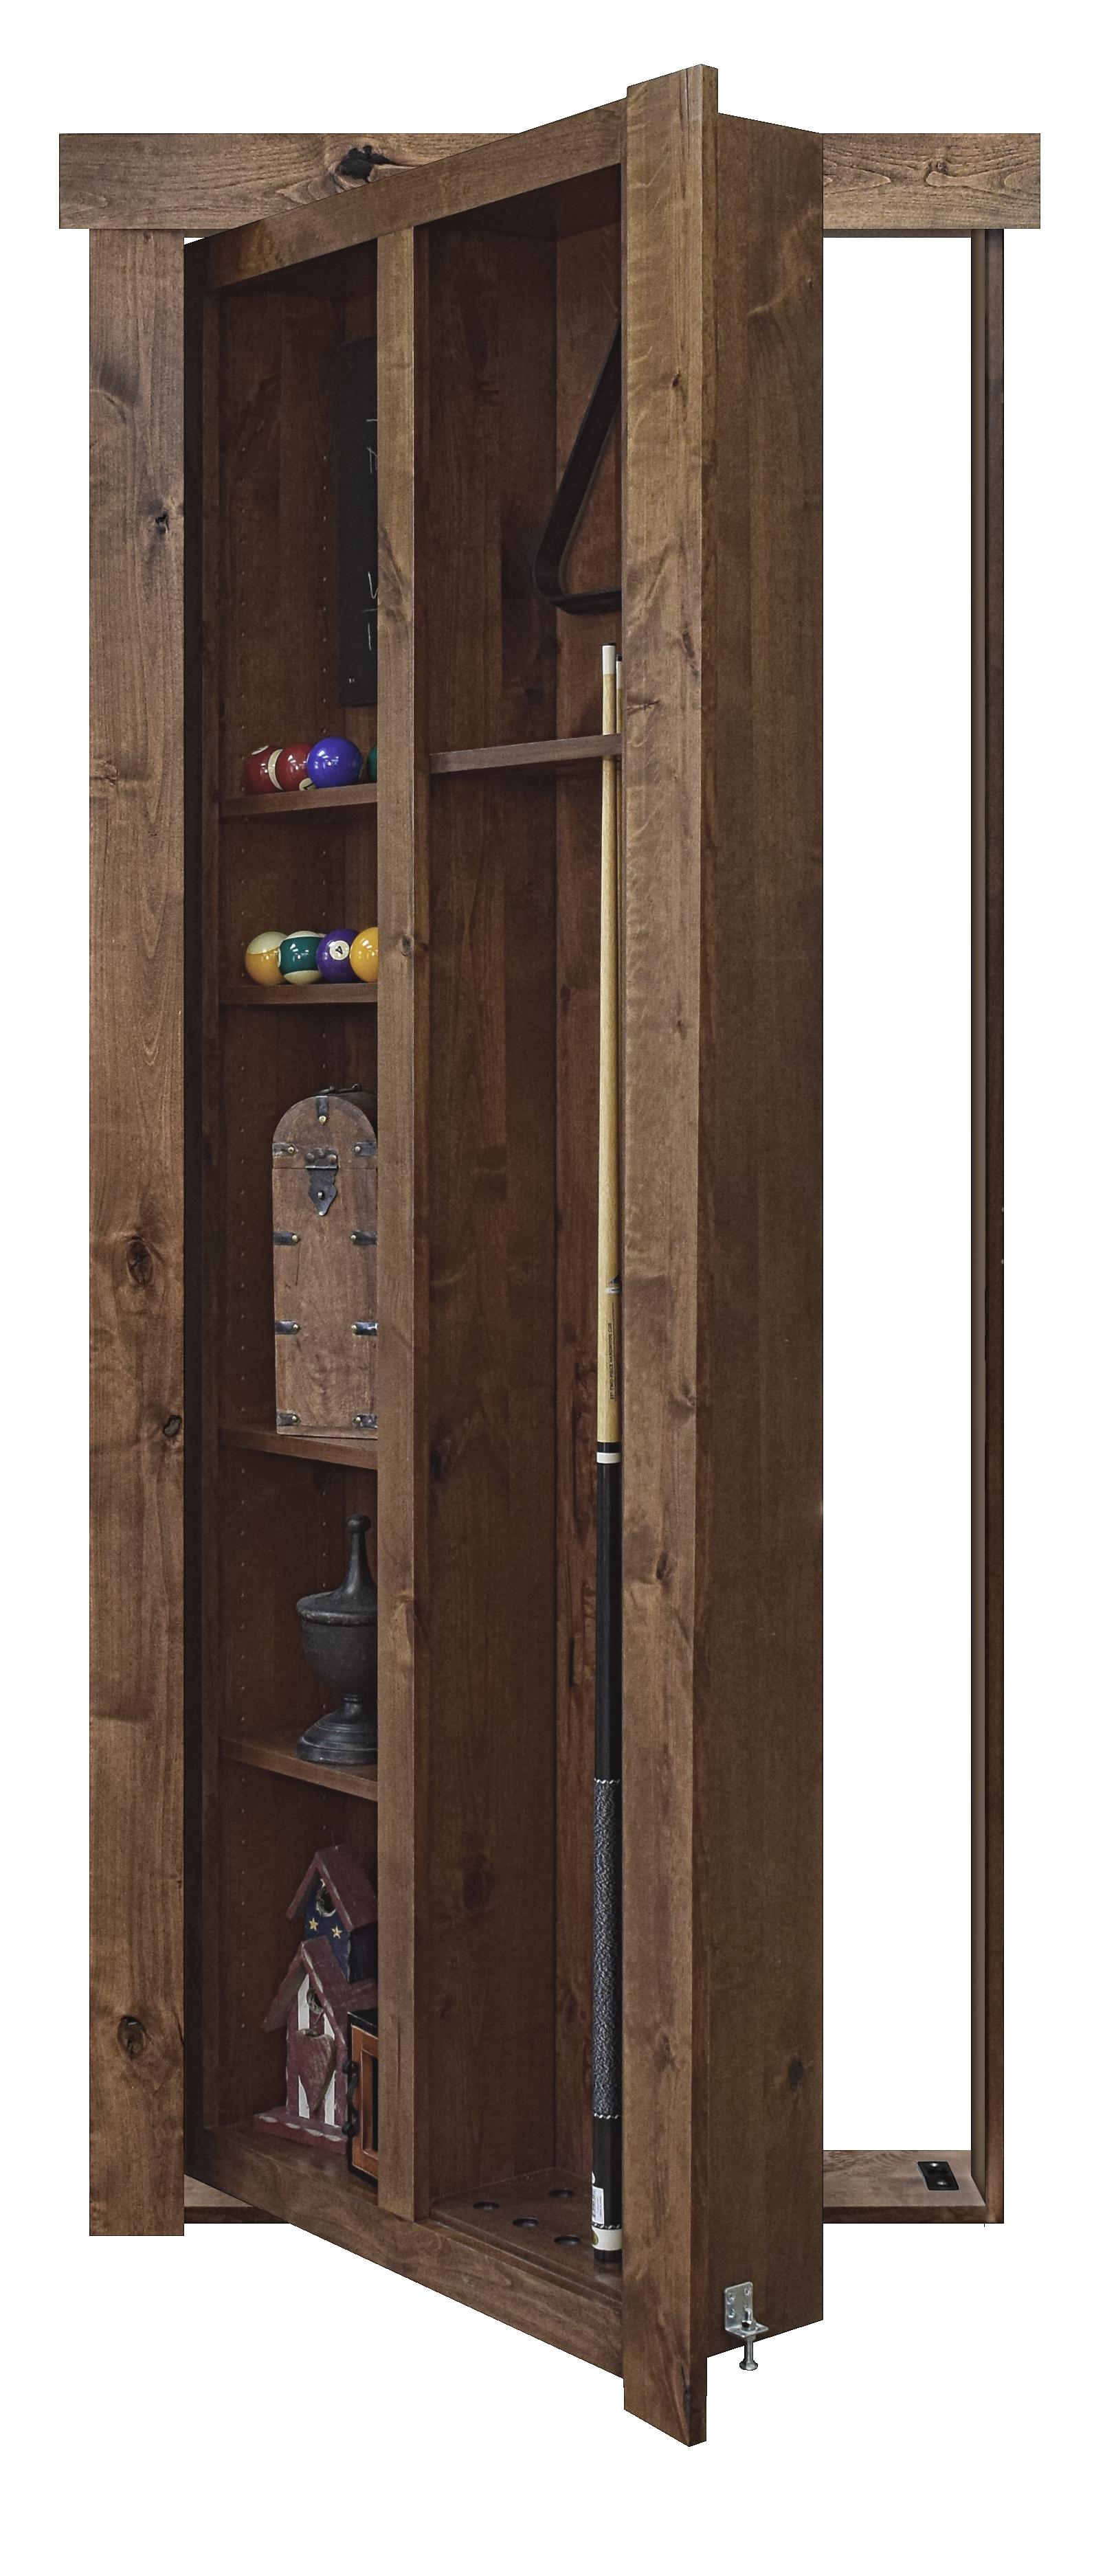 Murphy Doors Pool Cue Door Part Of The New Murphy Door Home Solutions Available At Www Murphydoor Com Murphy Door Garage Door Makeover Barn Door Hardware